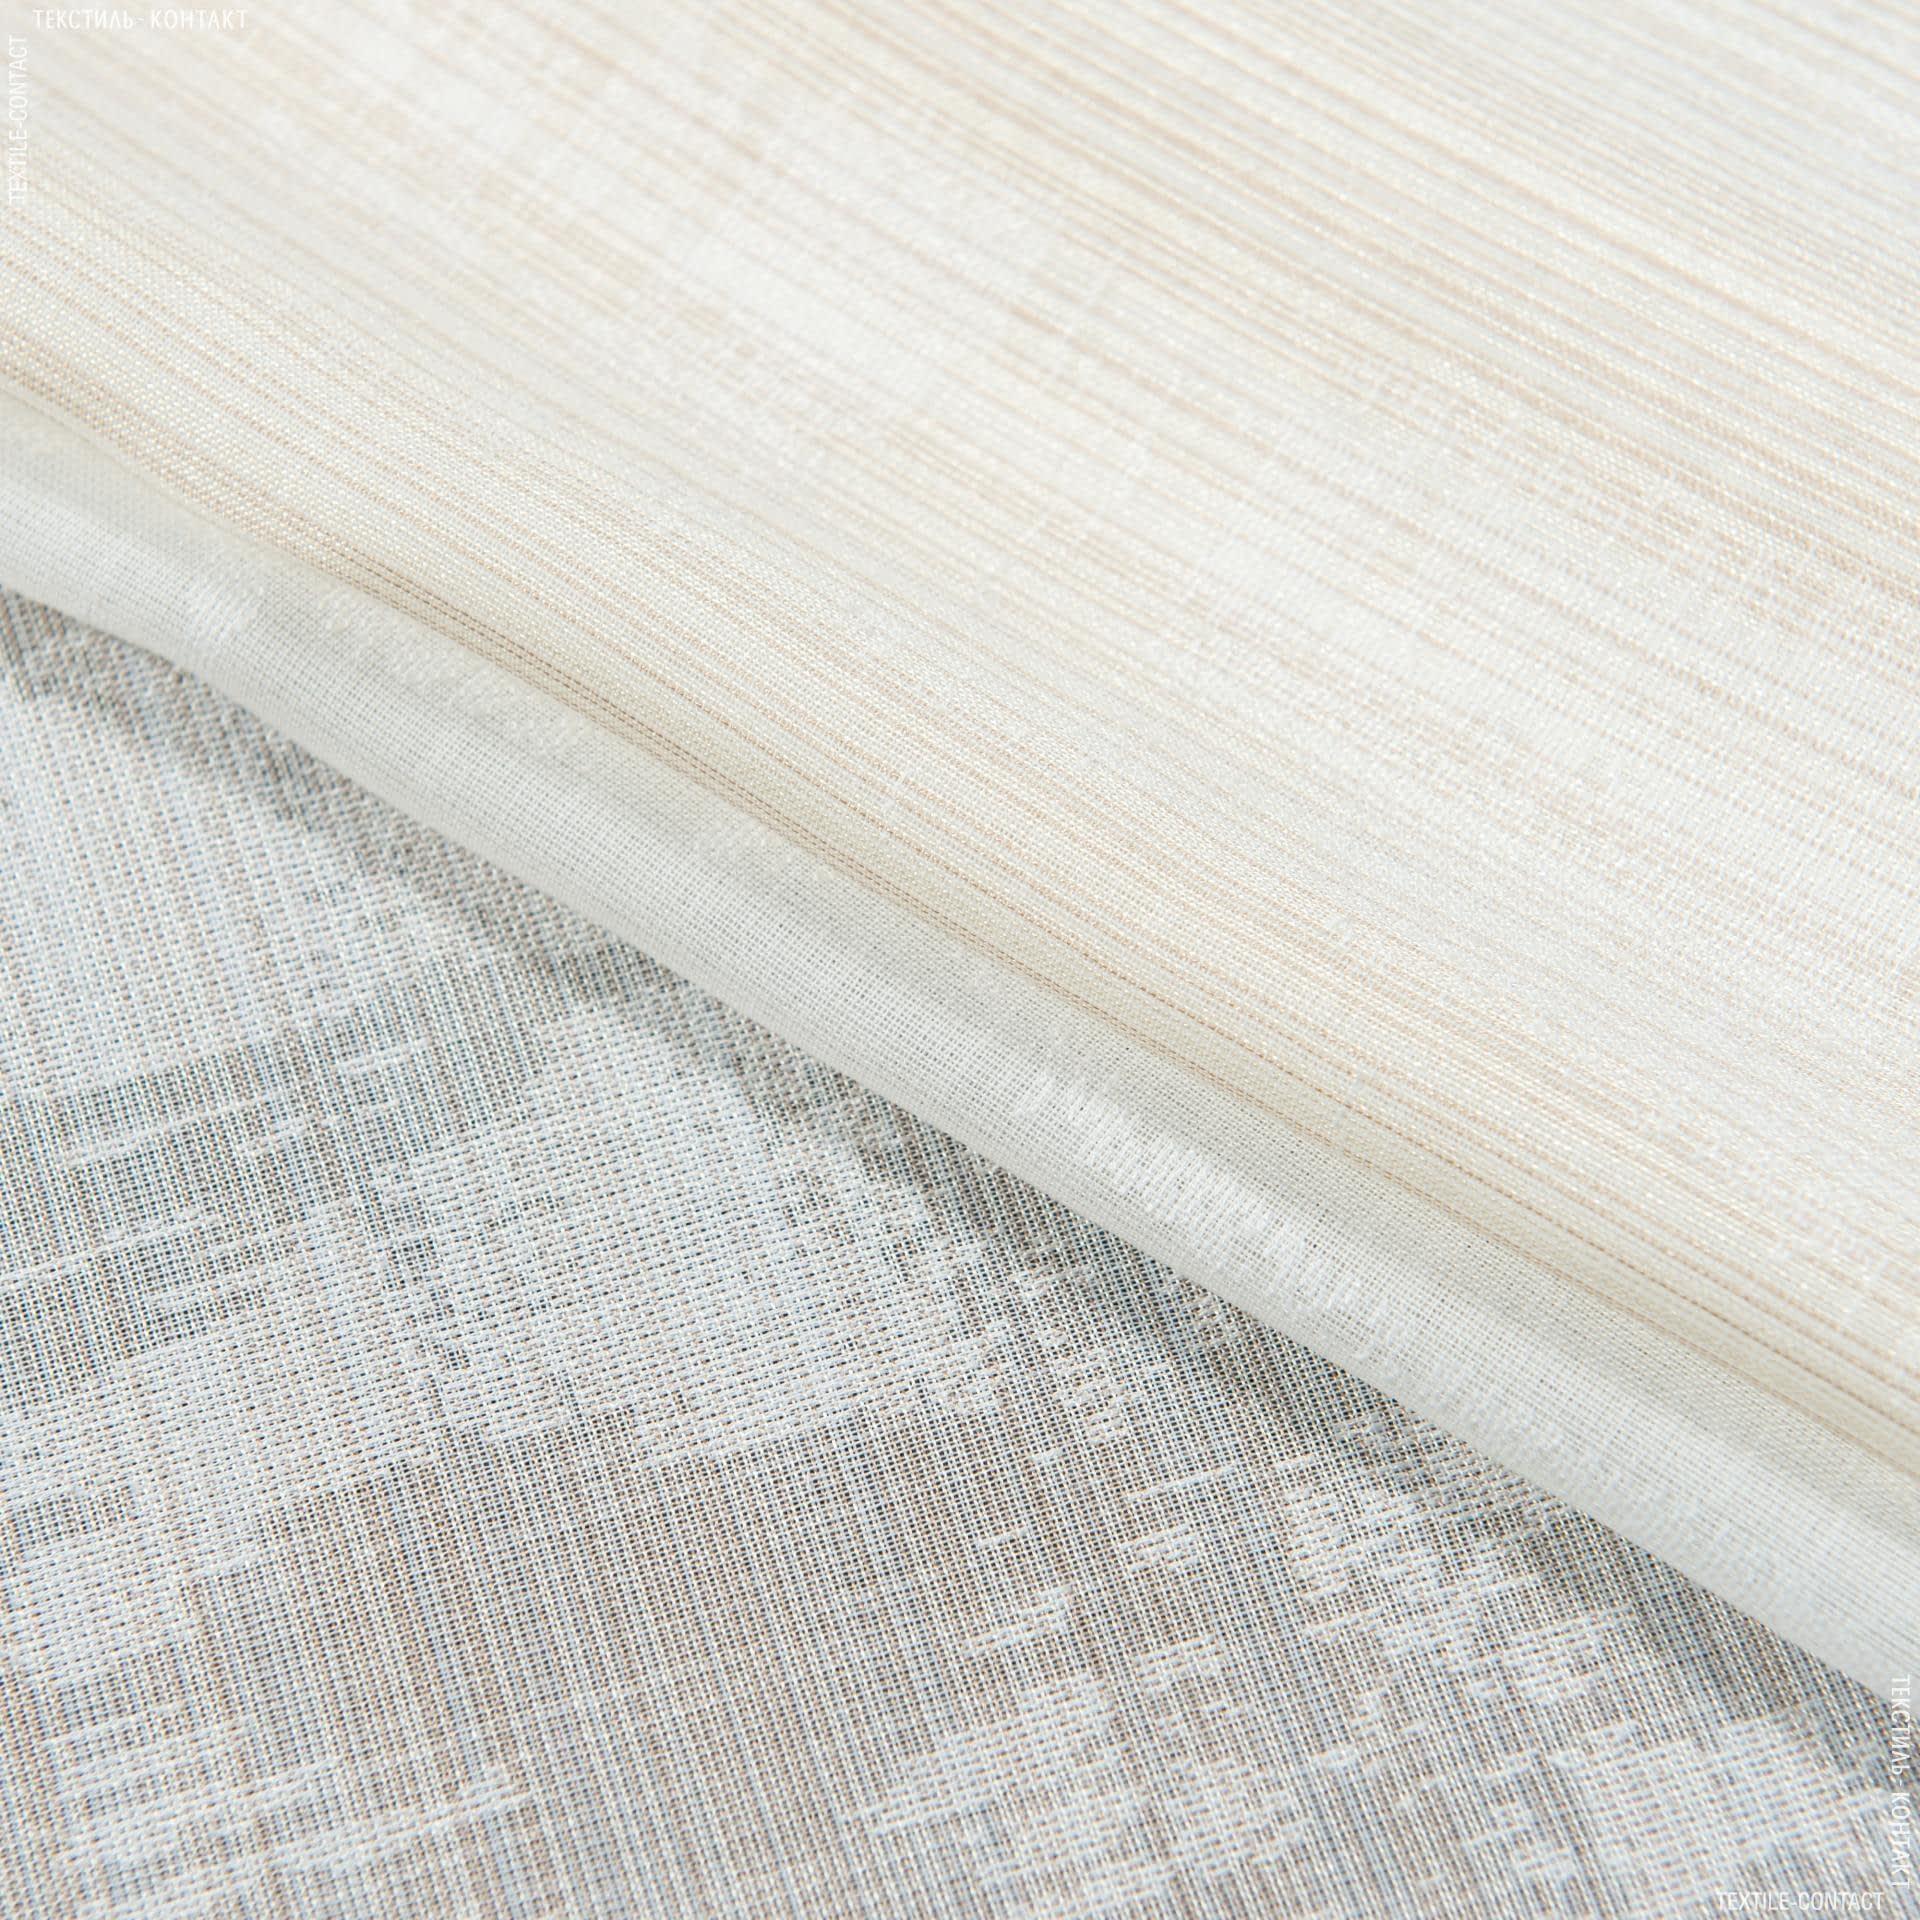 Тканини для тюлі - Тюль з обважнювачем денія /denia молочний,беж